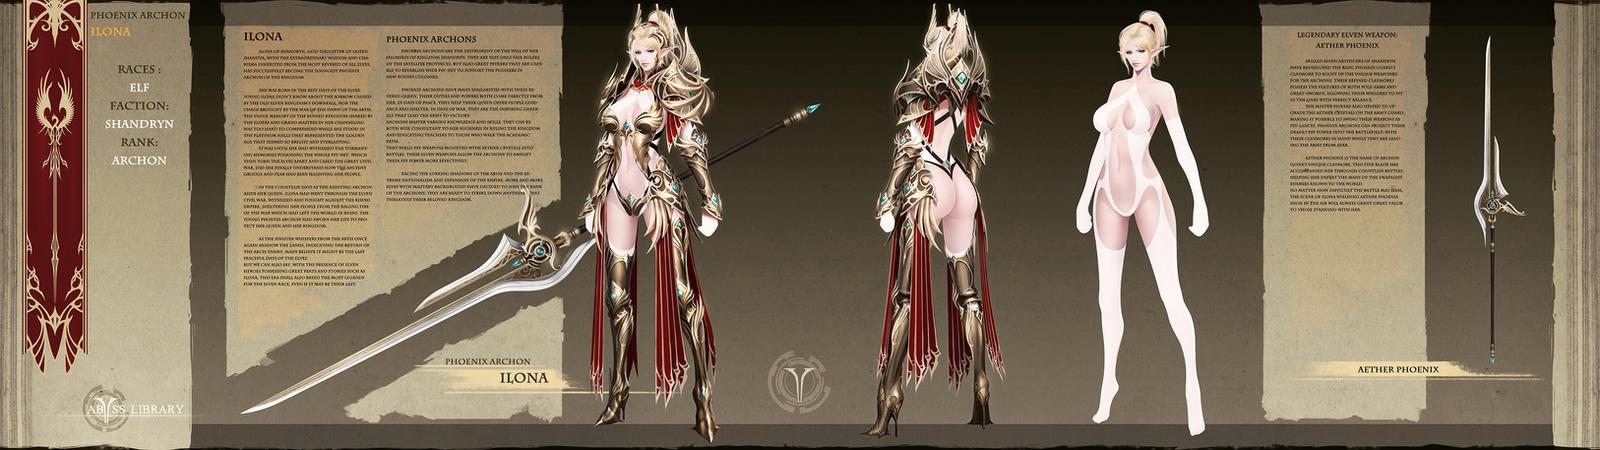 Phoenix Archon